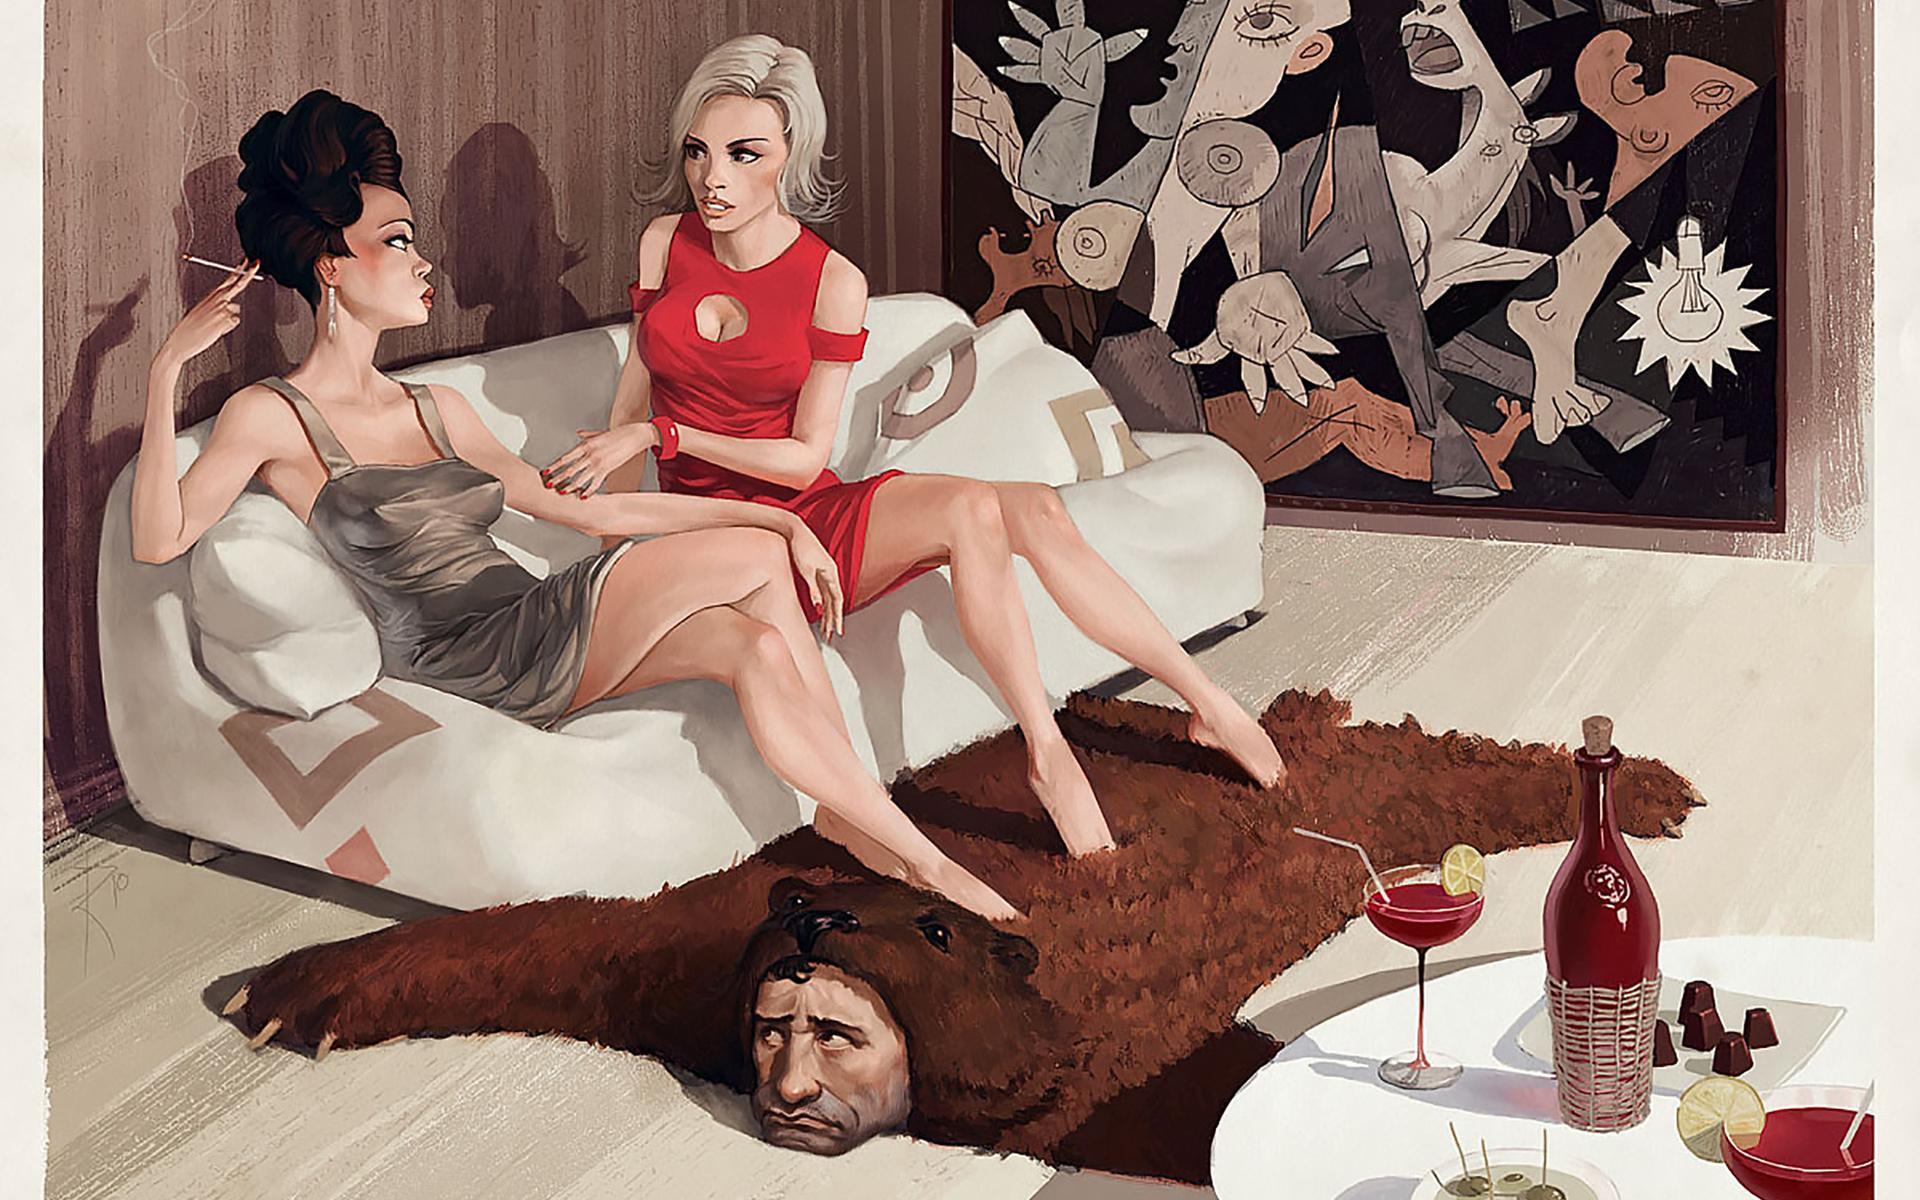 Туалетный раб госпожи смотреть онлайн, раб туалет для госпожи: порно видео онлайн, смотреть 7 фотография